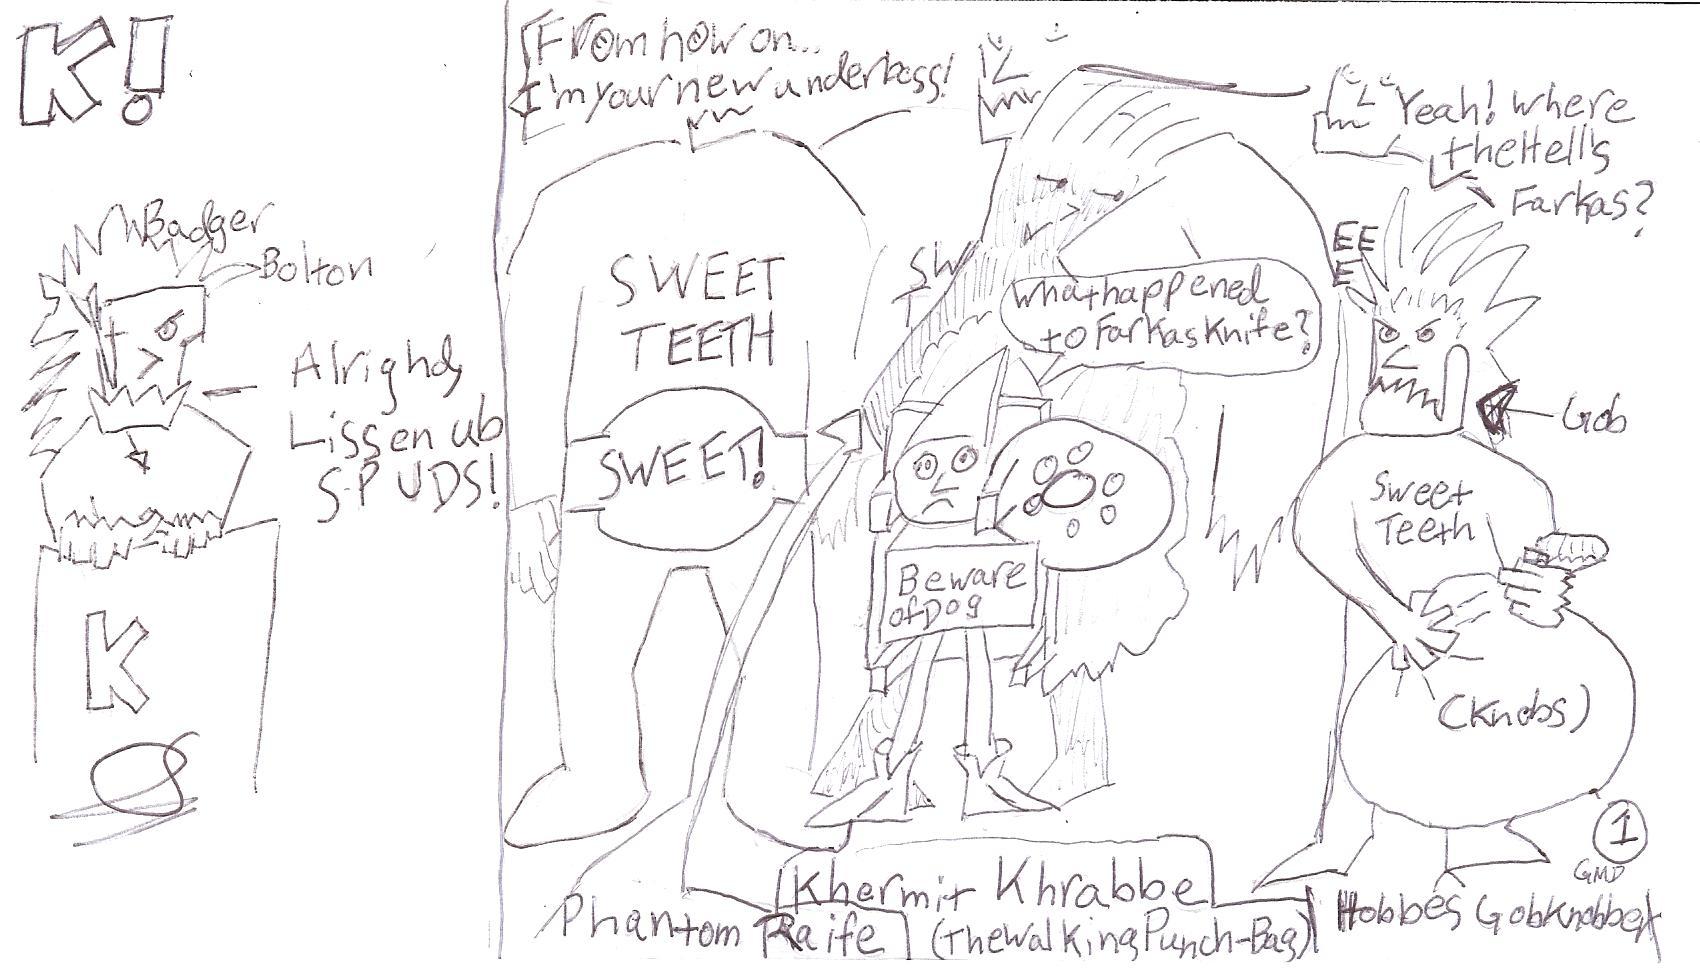 Sweet Teeths Staff Meeting